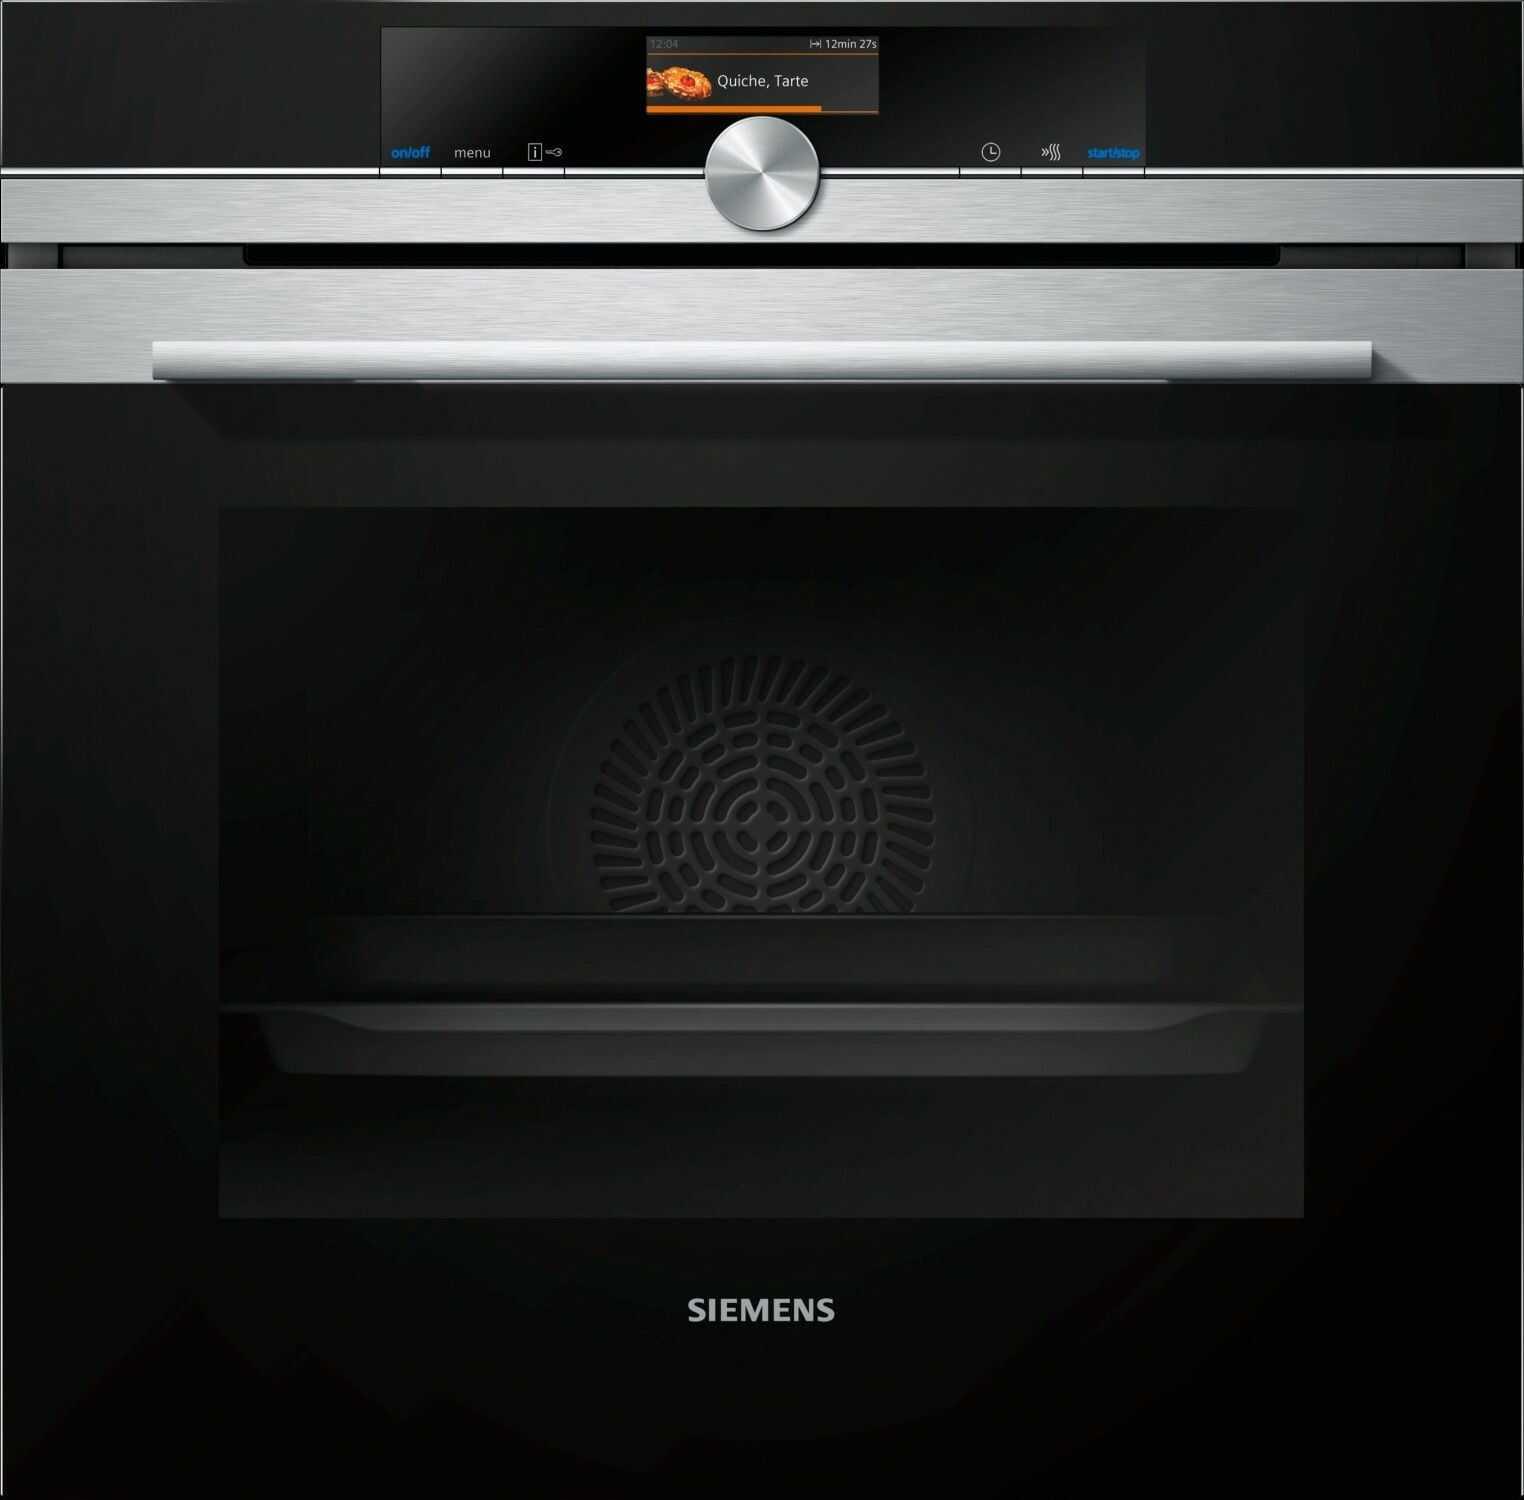 Piekarnik Siemens HB676G5S6 sLine, Home Connect I Tniemy cenę sprawdź ! I tel. (22) 266 82 20 I Raty 0 % I kto pyta płaci mniej I Płatności online